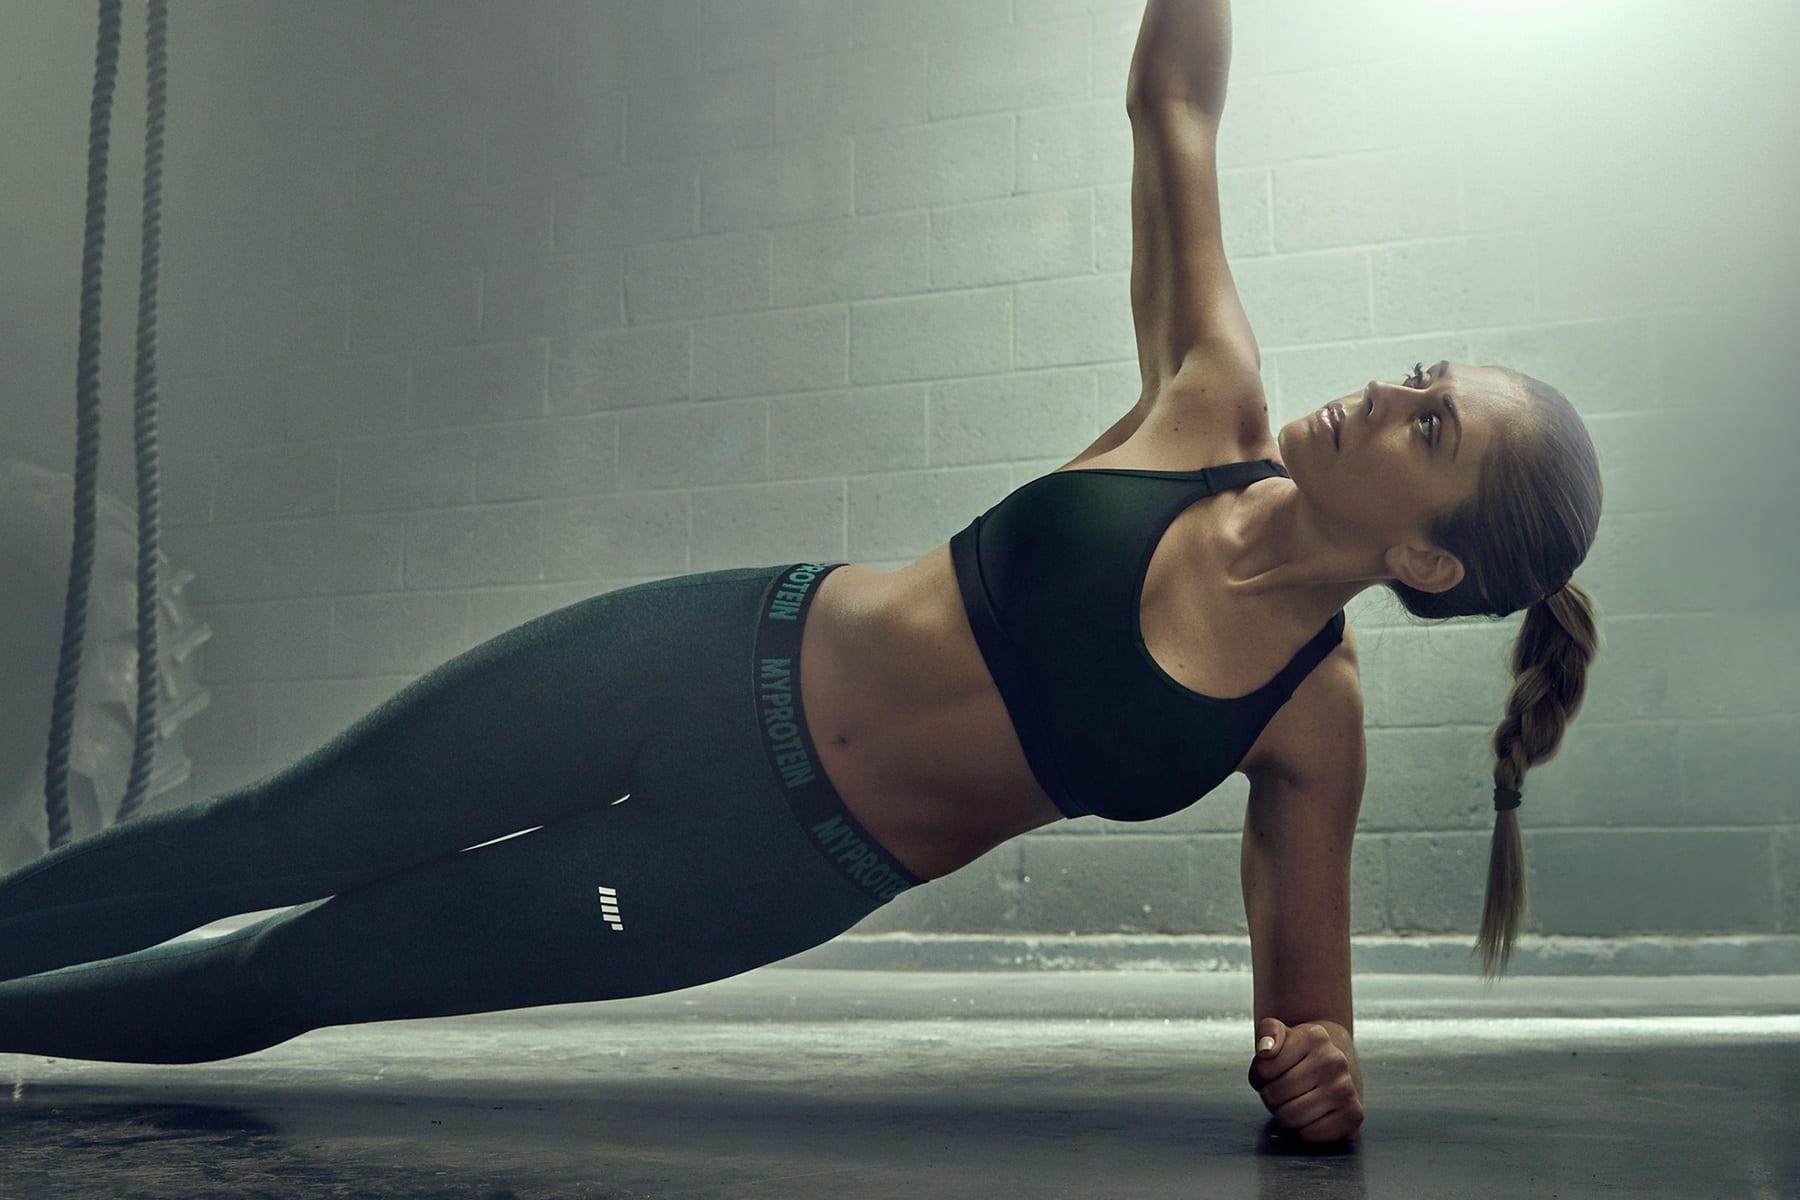 Plank edzés és edzésterv